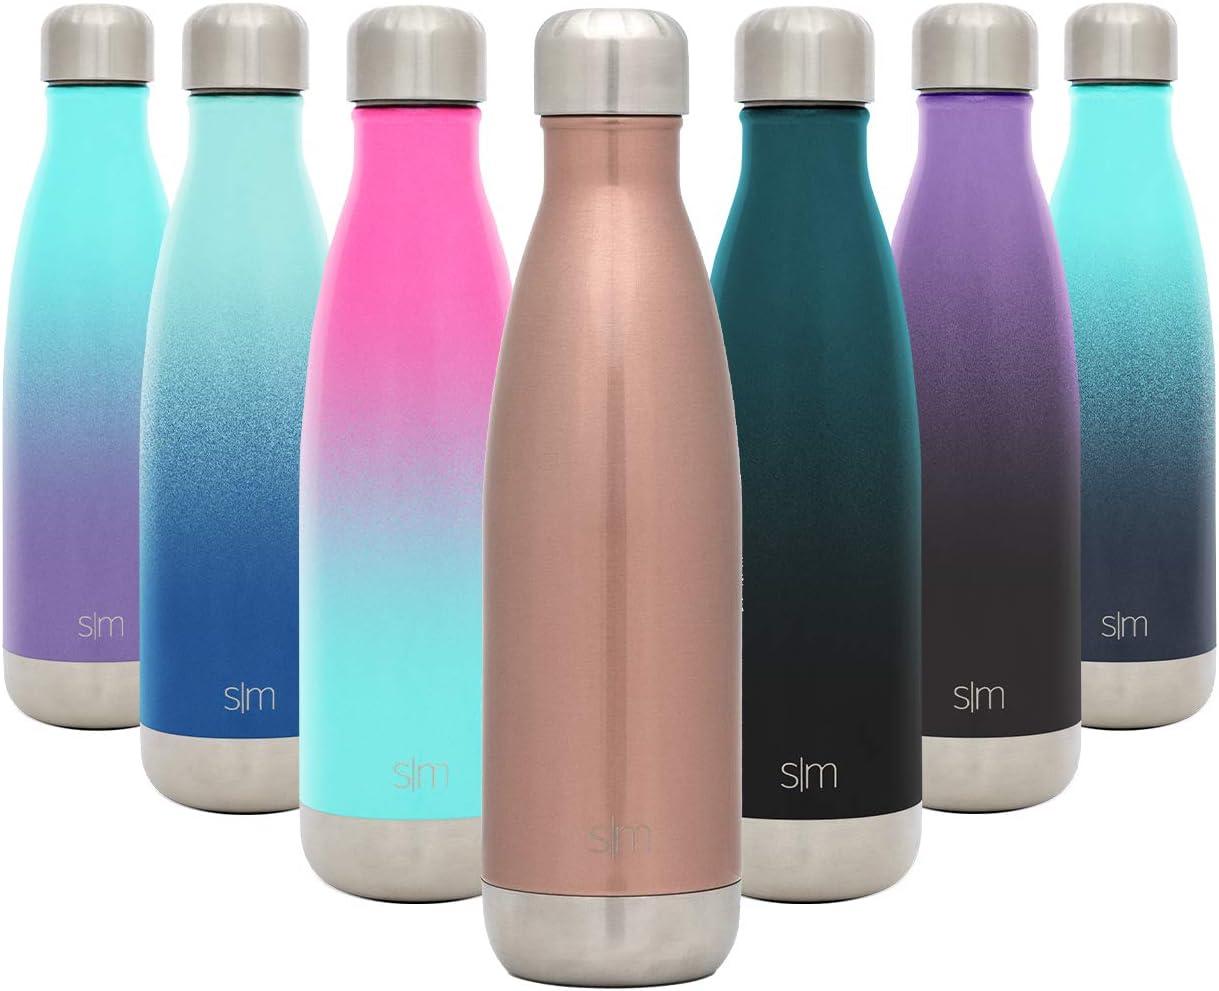 Simple Modern Wave 500ml Termo Botella Agua Acero Inoxidable, Botella termica Mantiene el Frio por 24 Horas Aislada al Vacío Doble Pared para Deporte café o Viaje -Oro Rosa